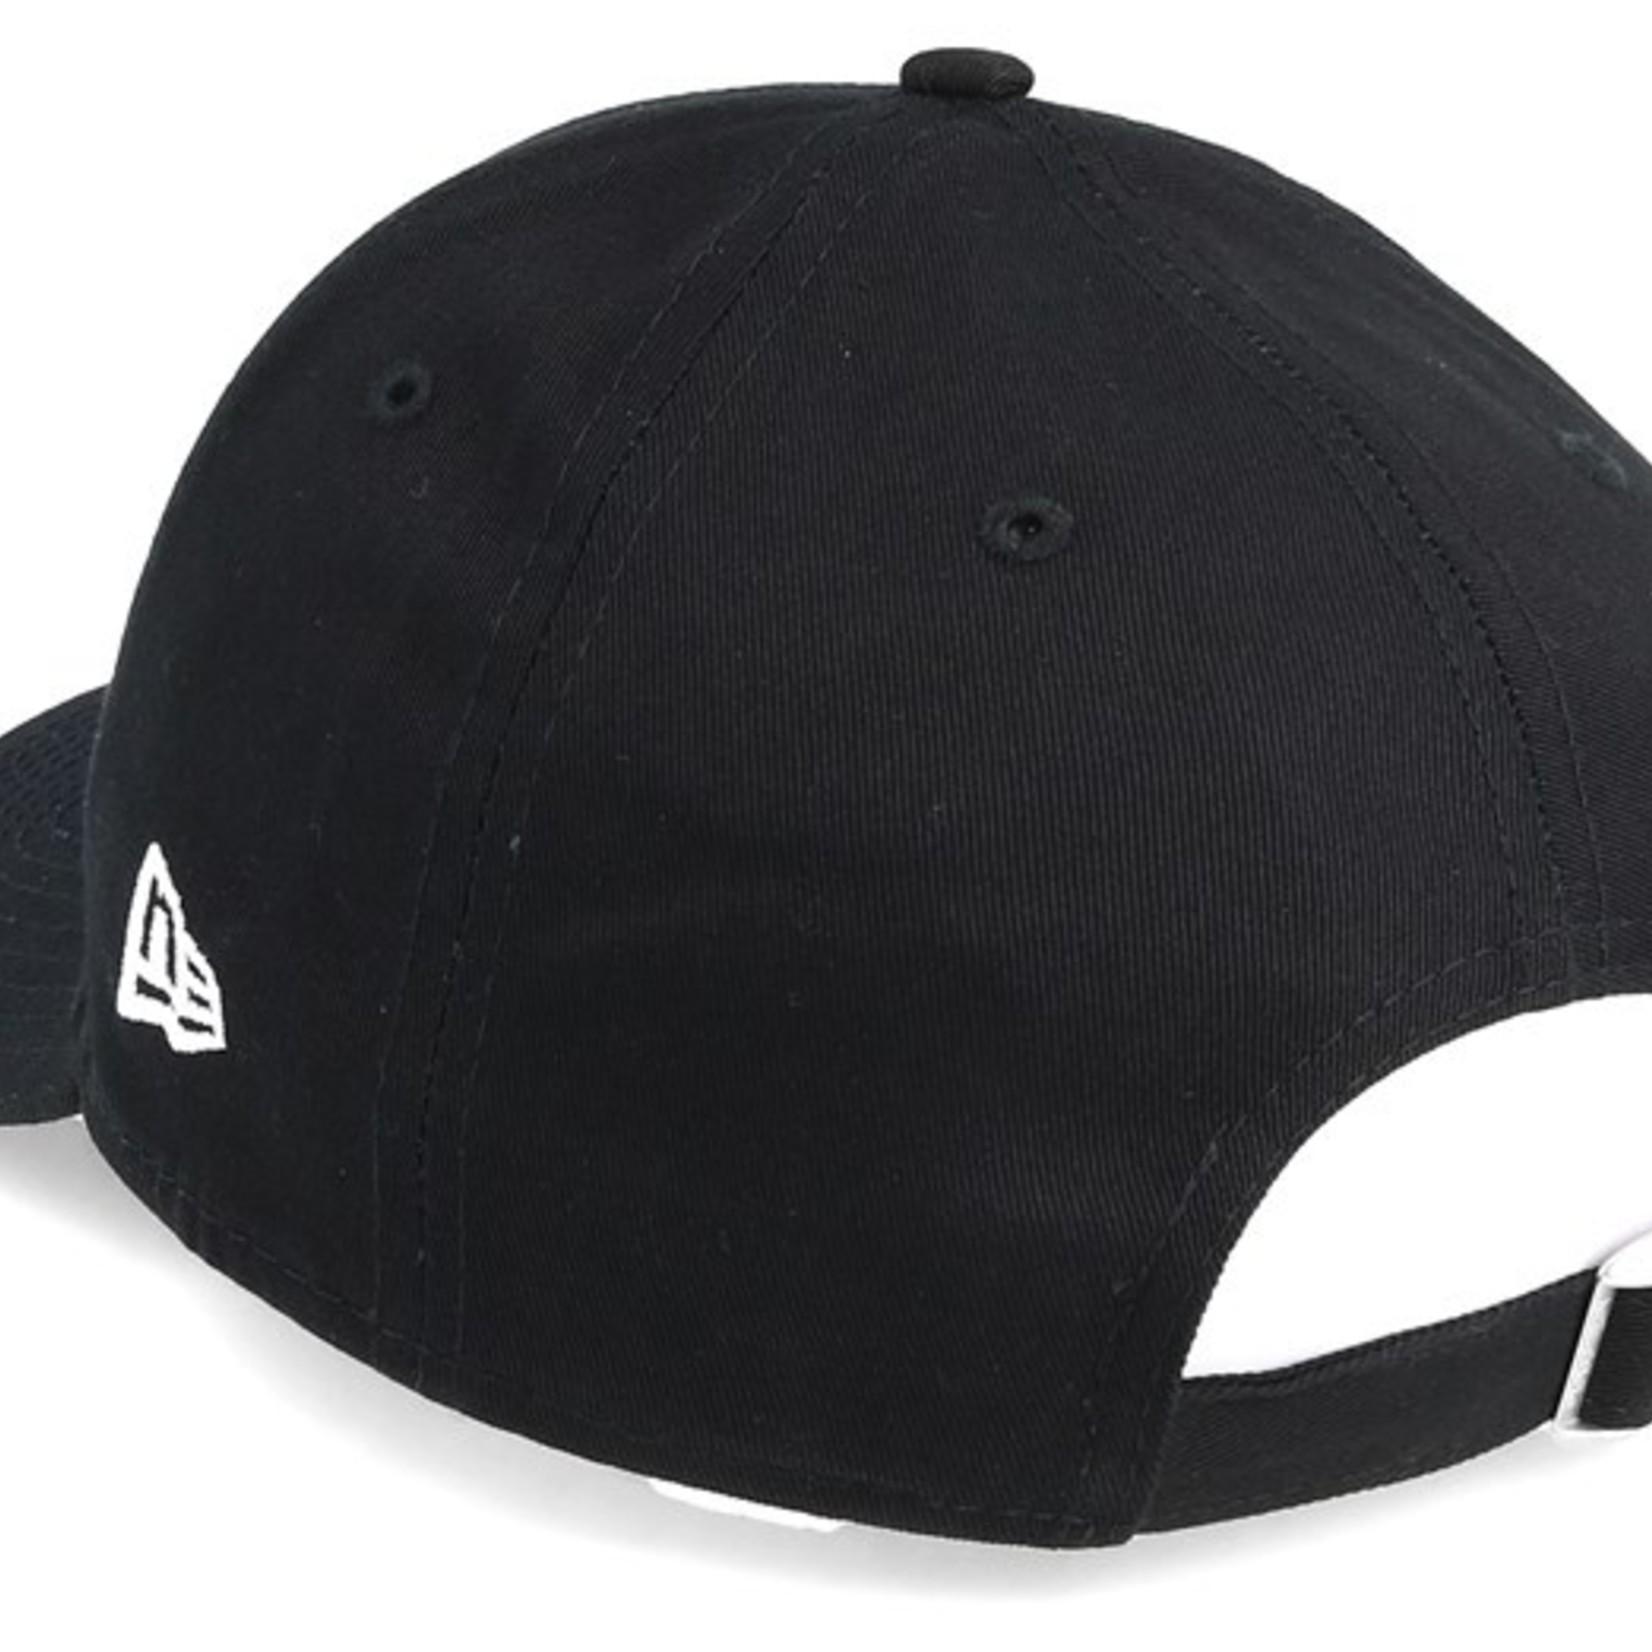 New Era NY 9Forty Black/White adjustable